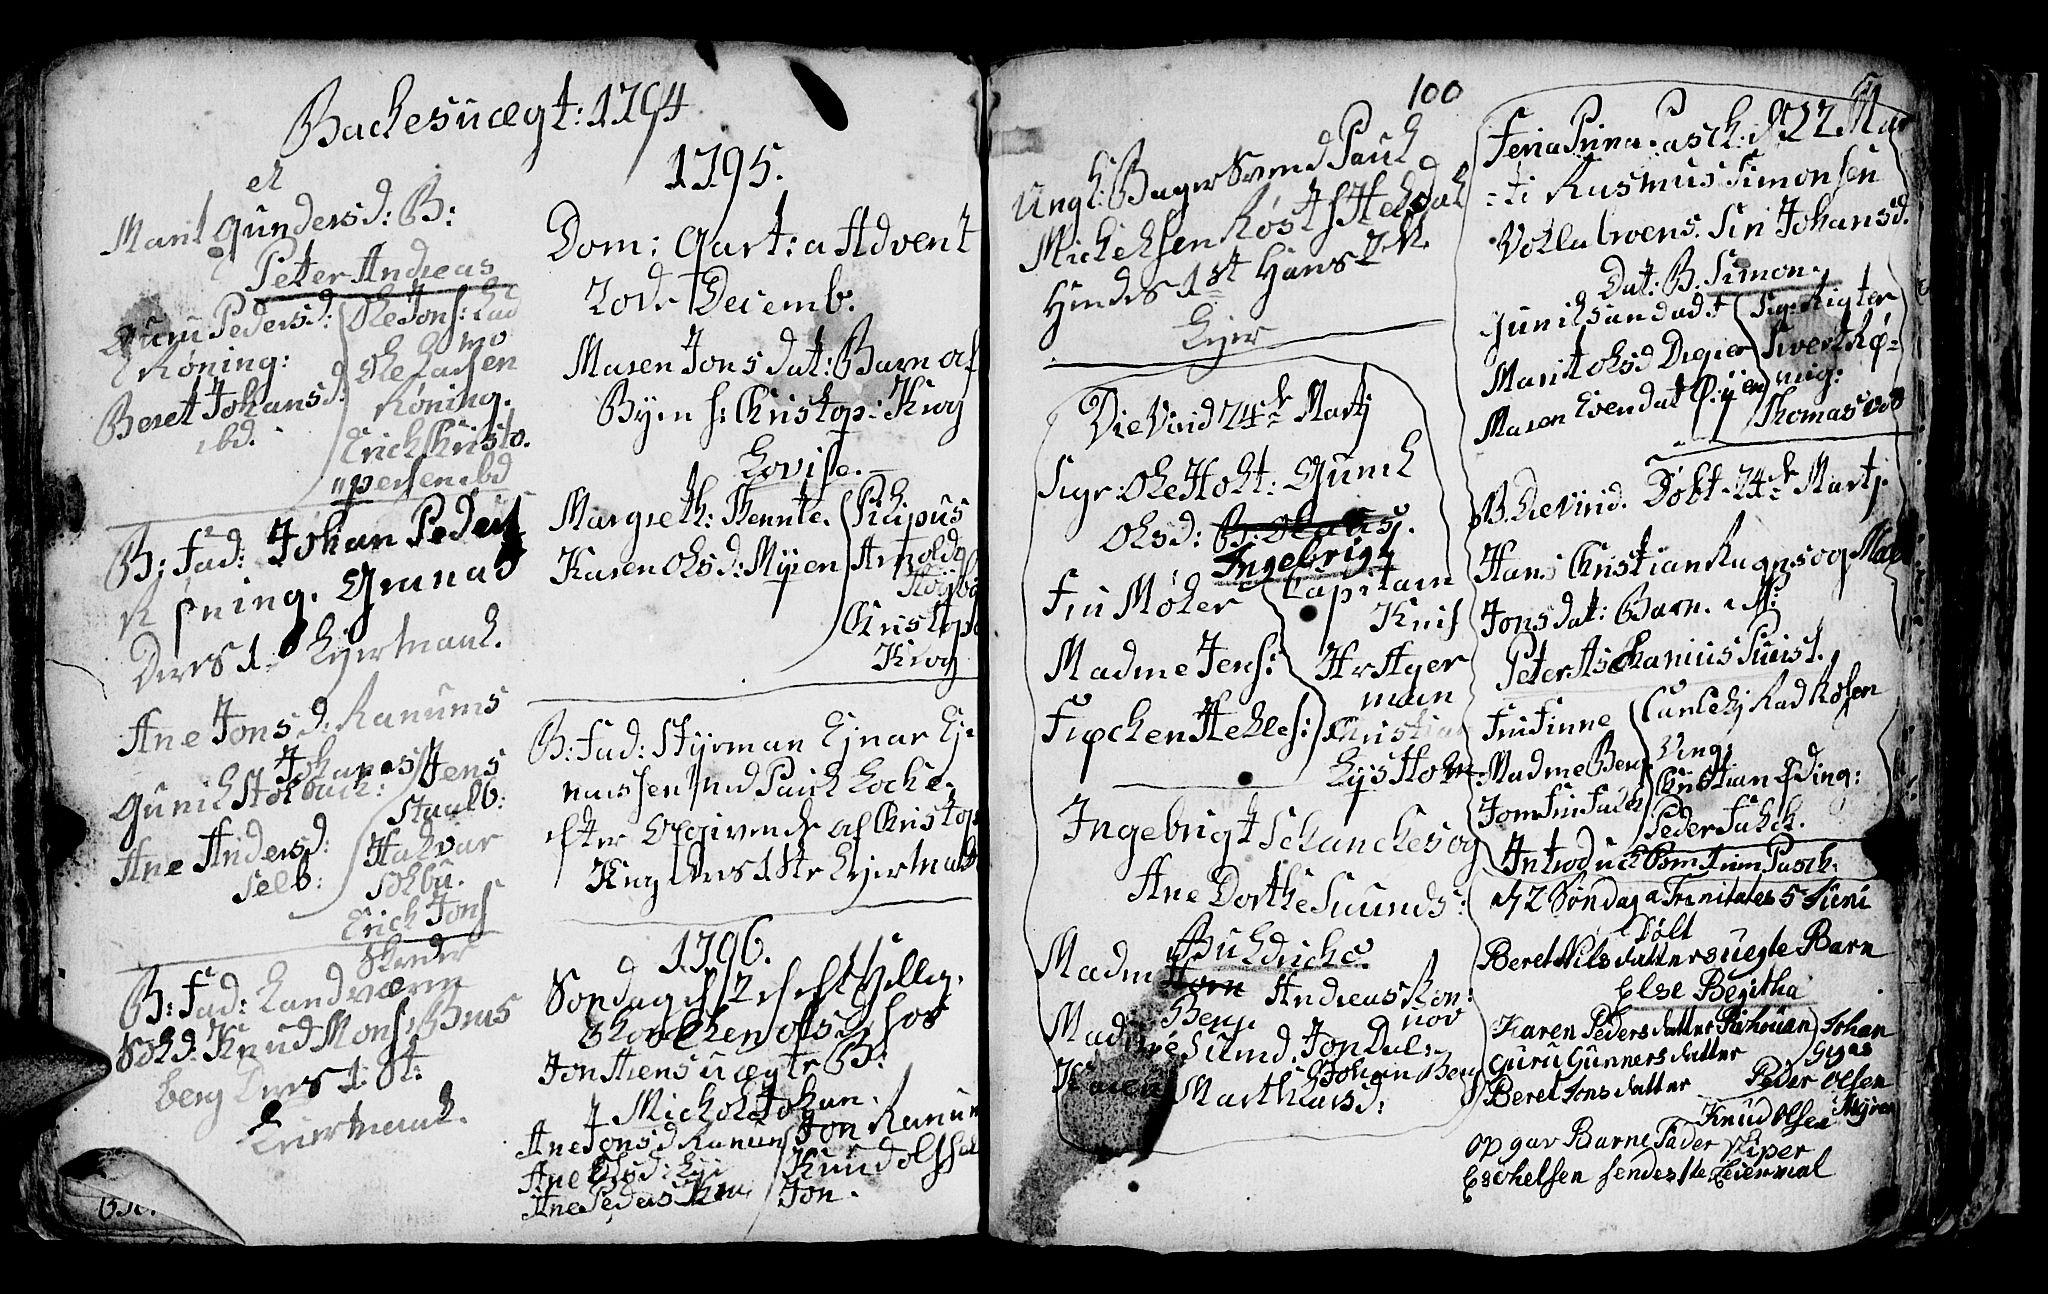 SAT, Ministerialprotokoller, klokkerbøker og fødselsregistre - Sør-Trøndelag, 604/L0218: Klokkerbok nr. 604C01, 1754-1819, s. 100